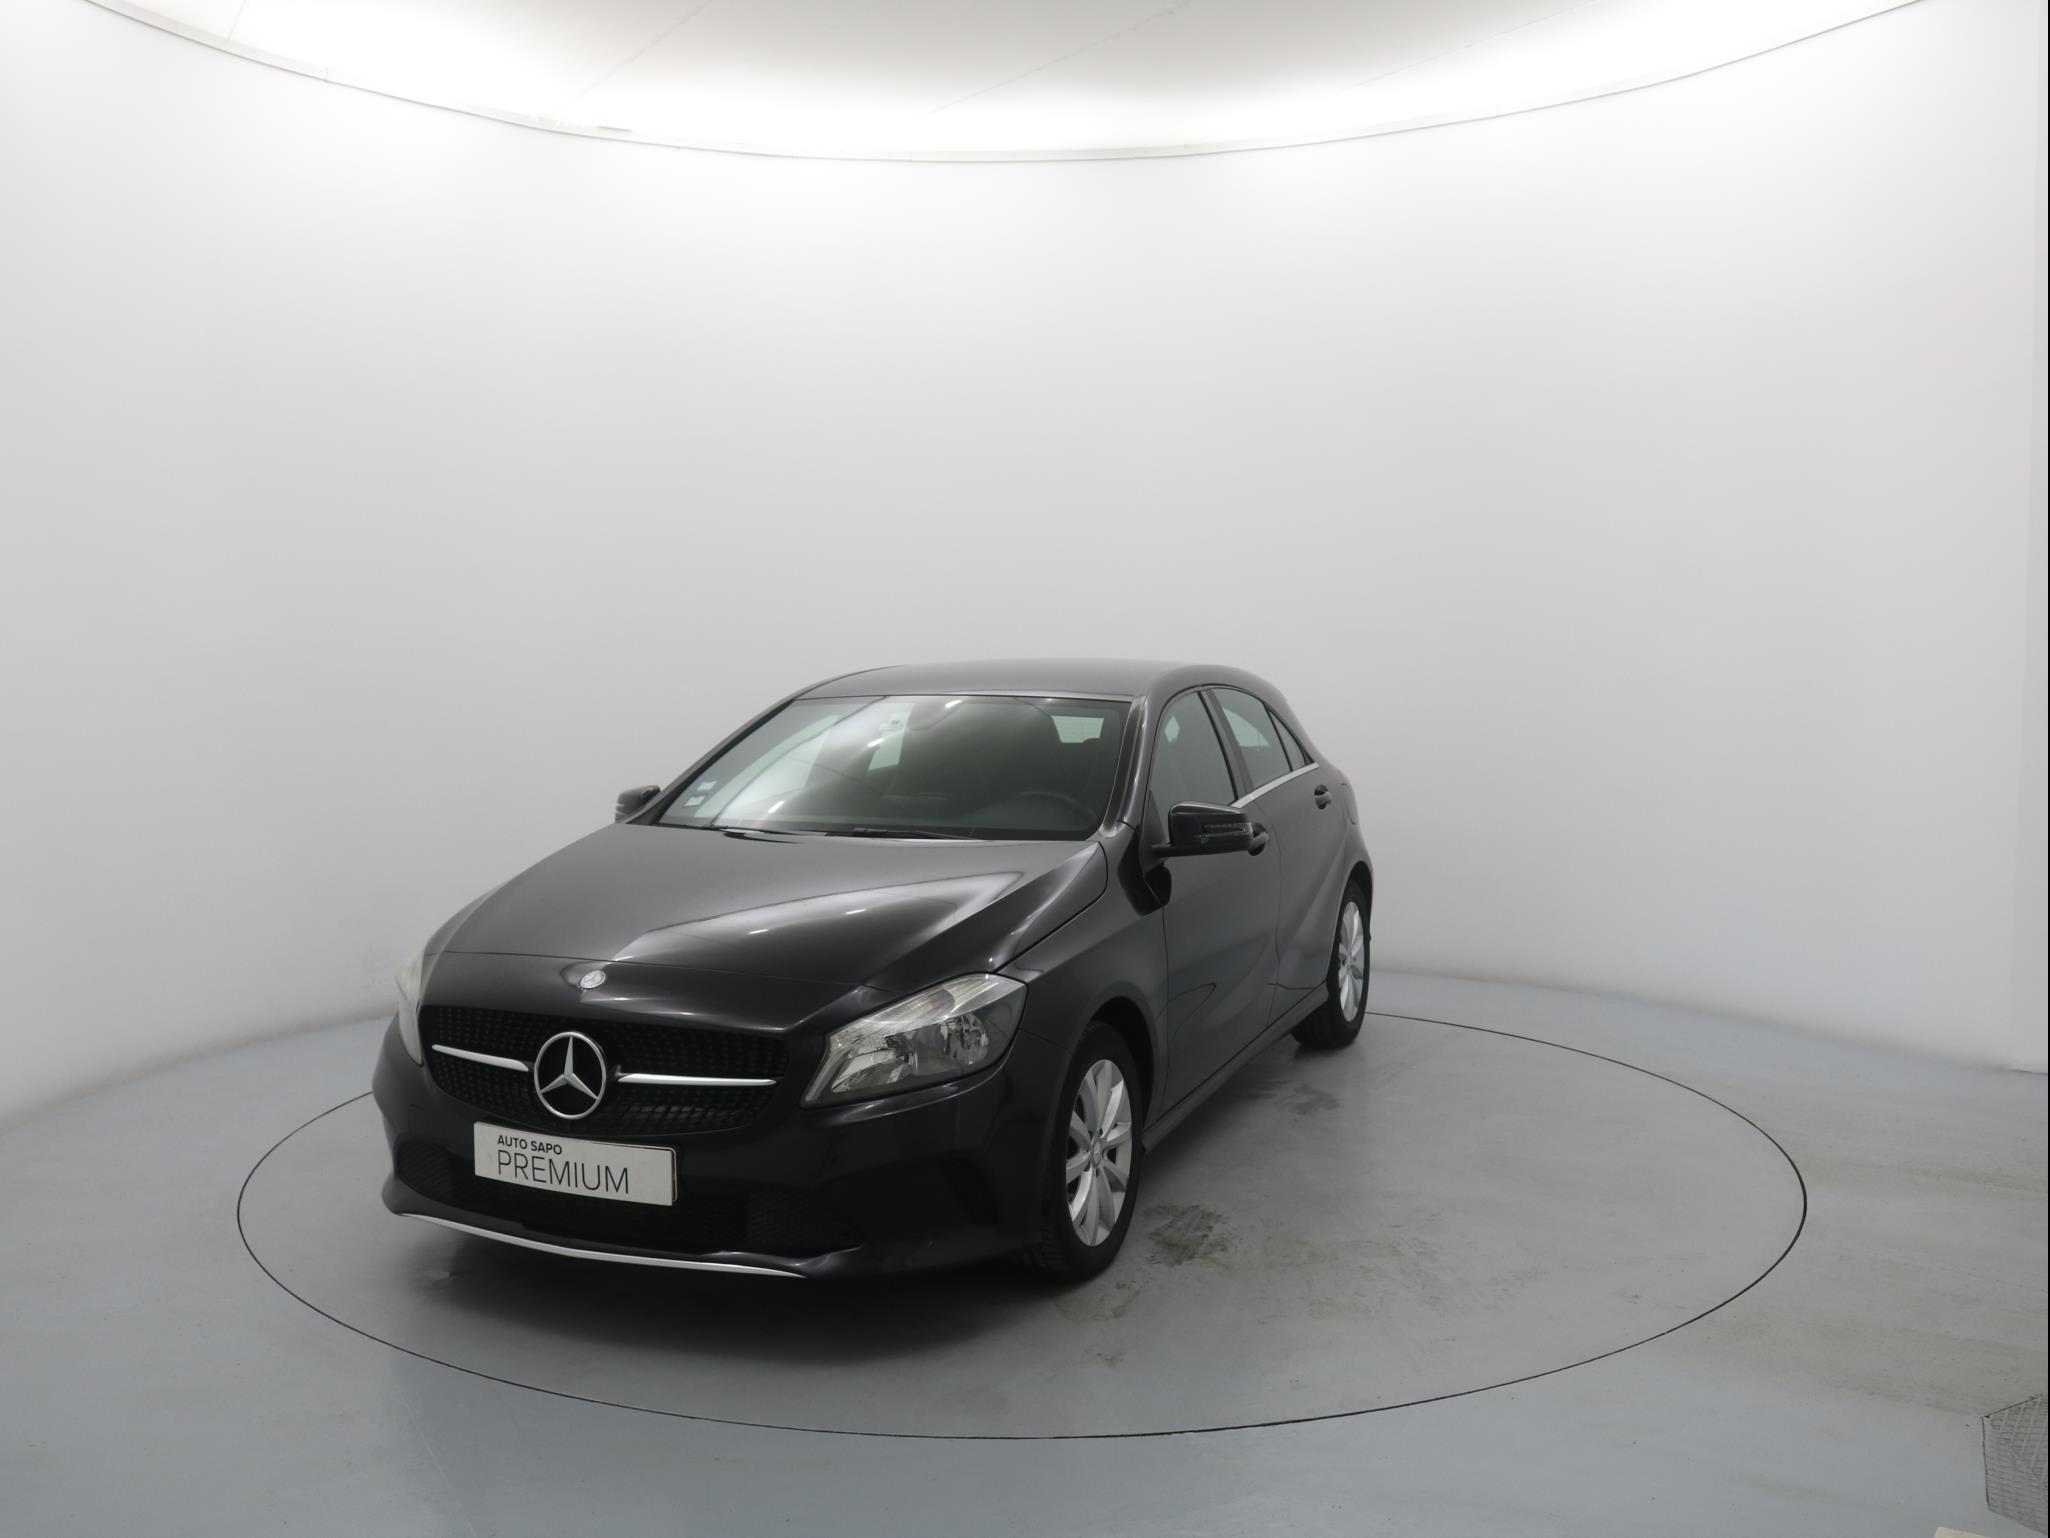 Mercedes-Benz Classe A 180 d Fleet Pack Style (109cv) (5p) (2015 a presente)